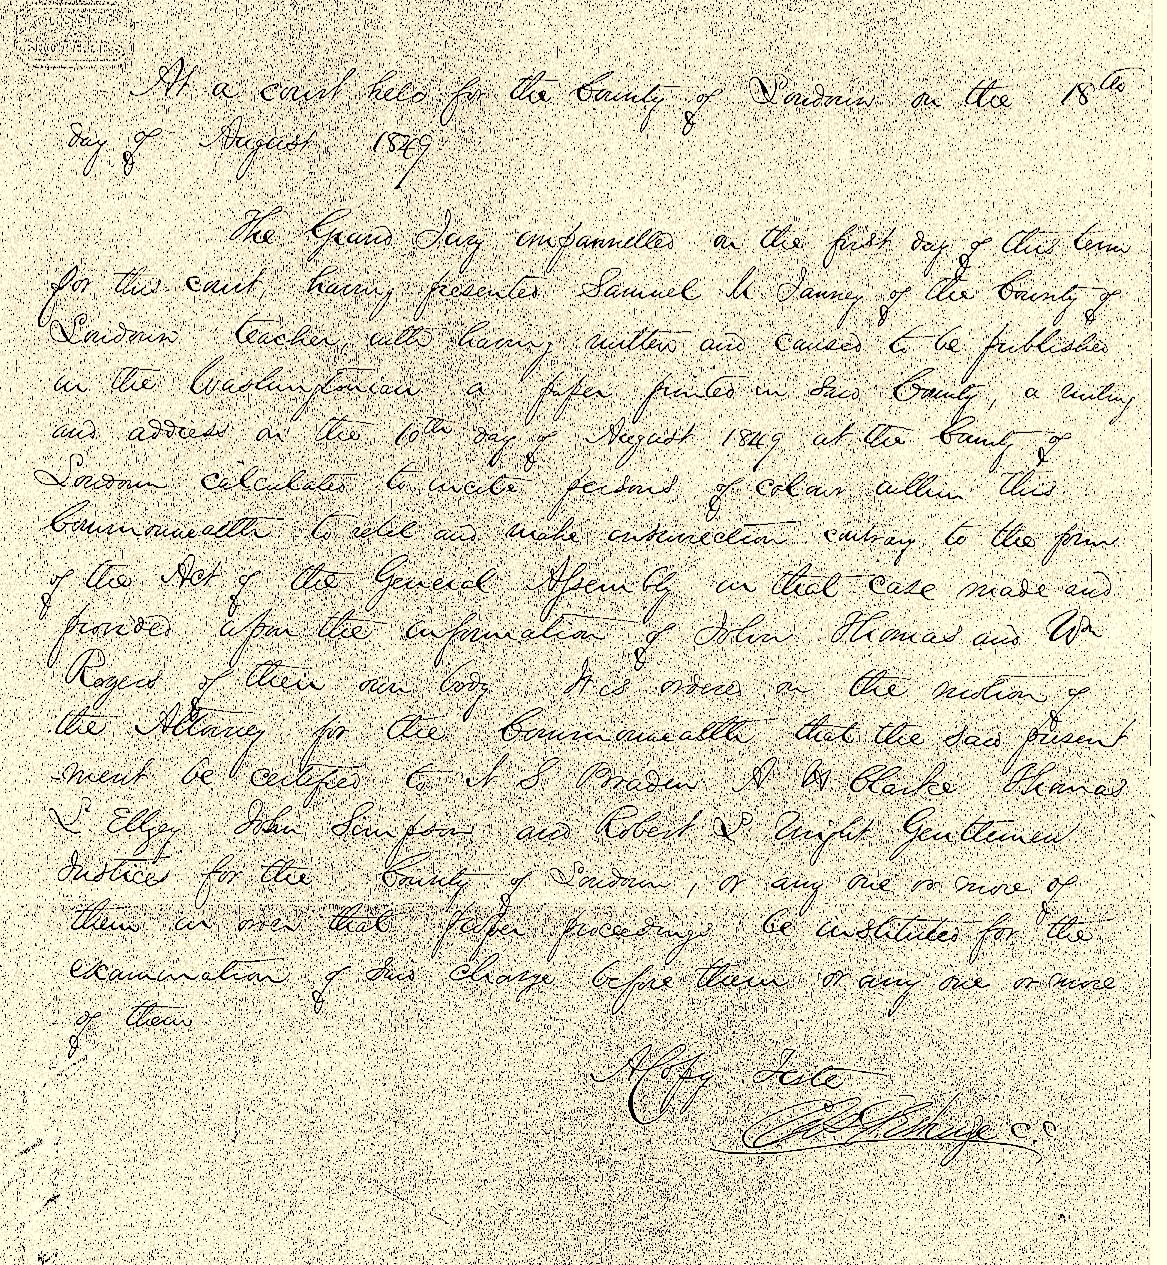 Samuel Janney court document 1849